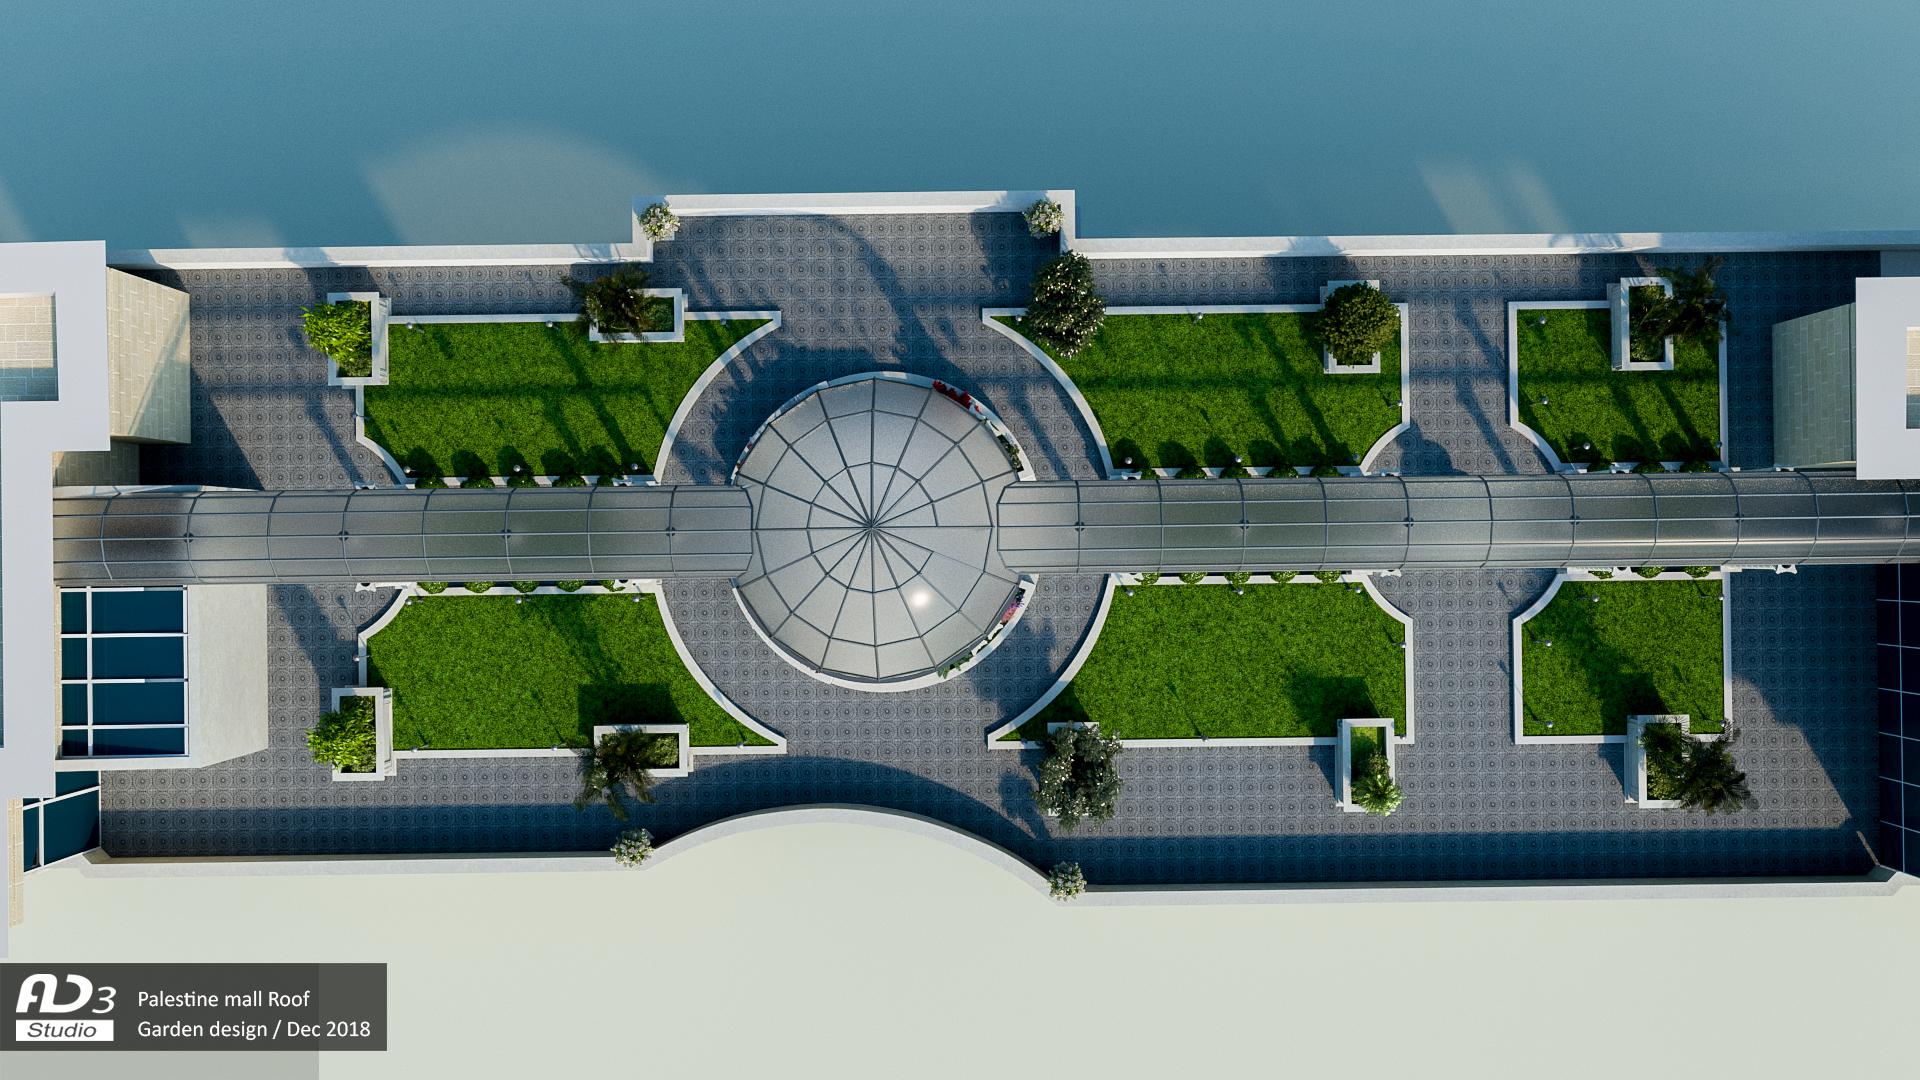 Alhaji Building Roof